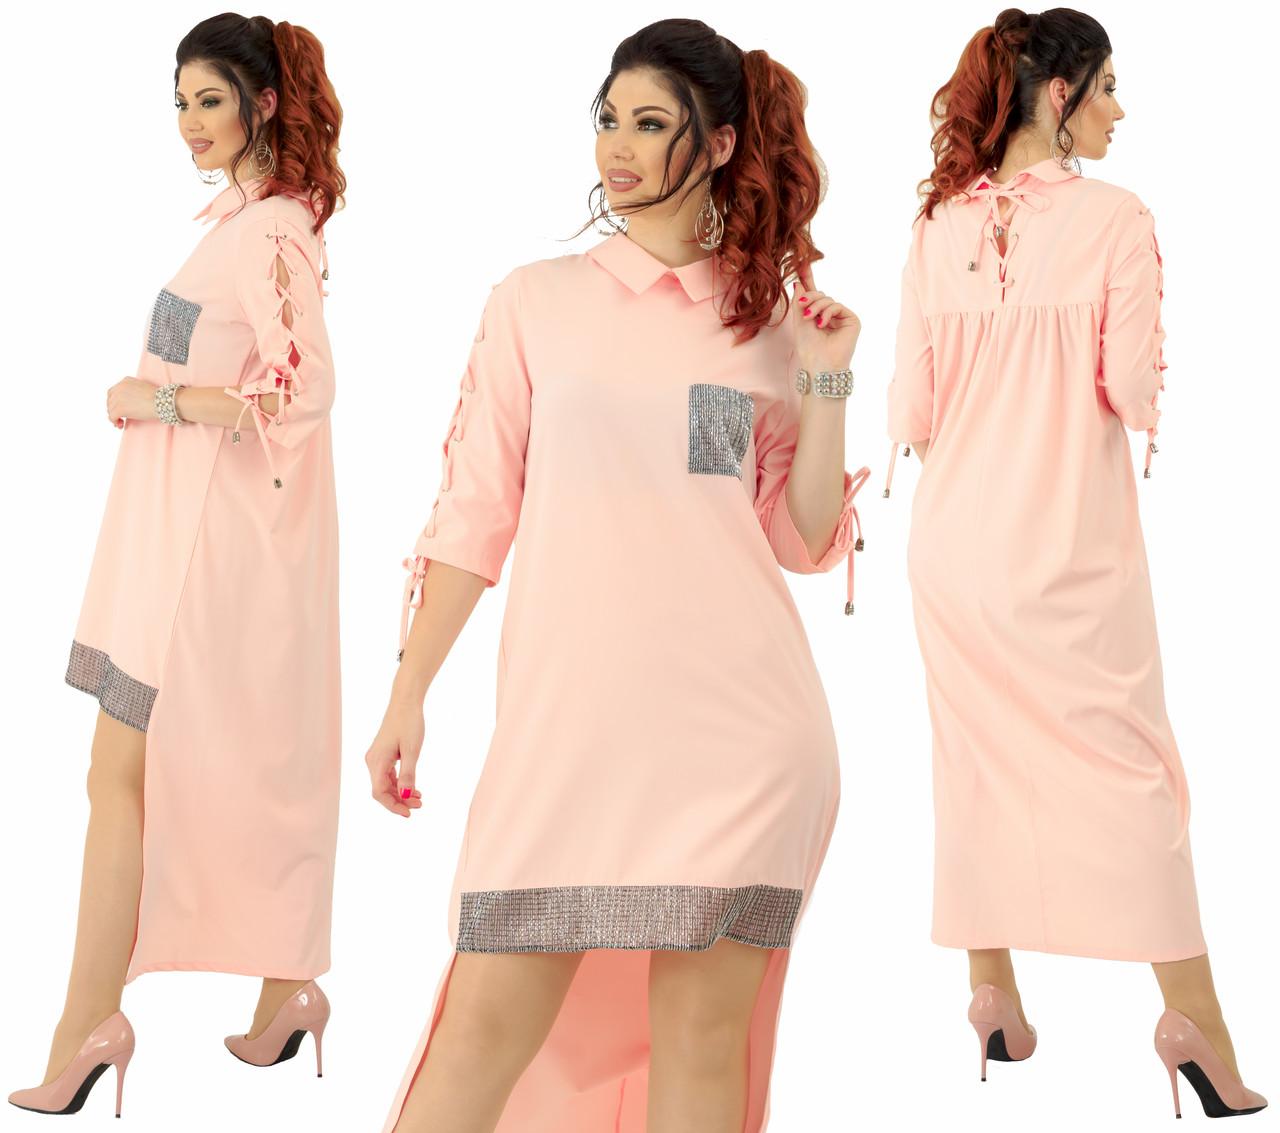 """Асимметричное платье  """"Барбарис""""больших размеров от 48 до 54 удлиненное сзади, украшено люрексом код  92/89032"""